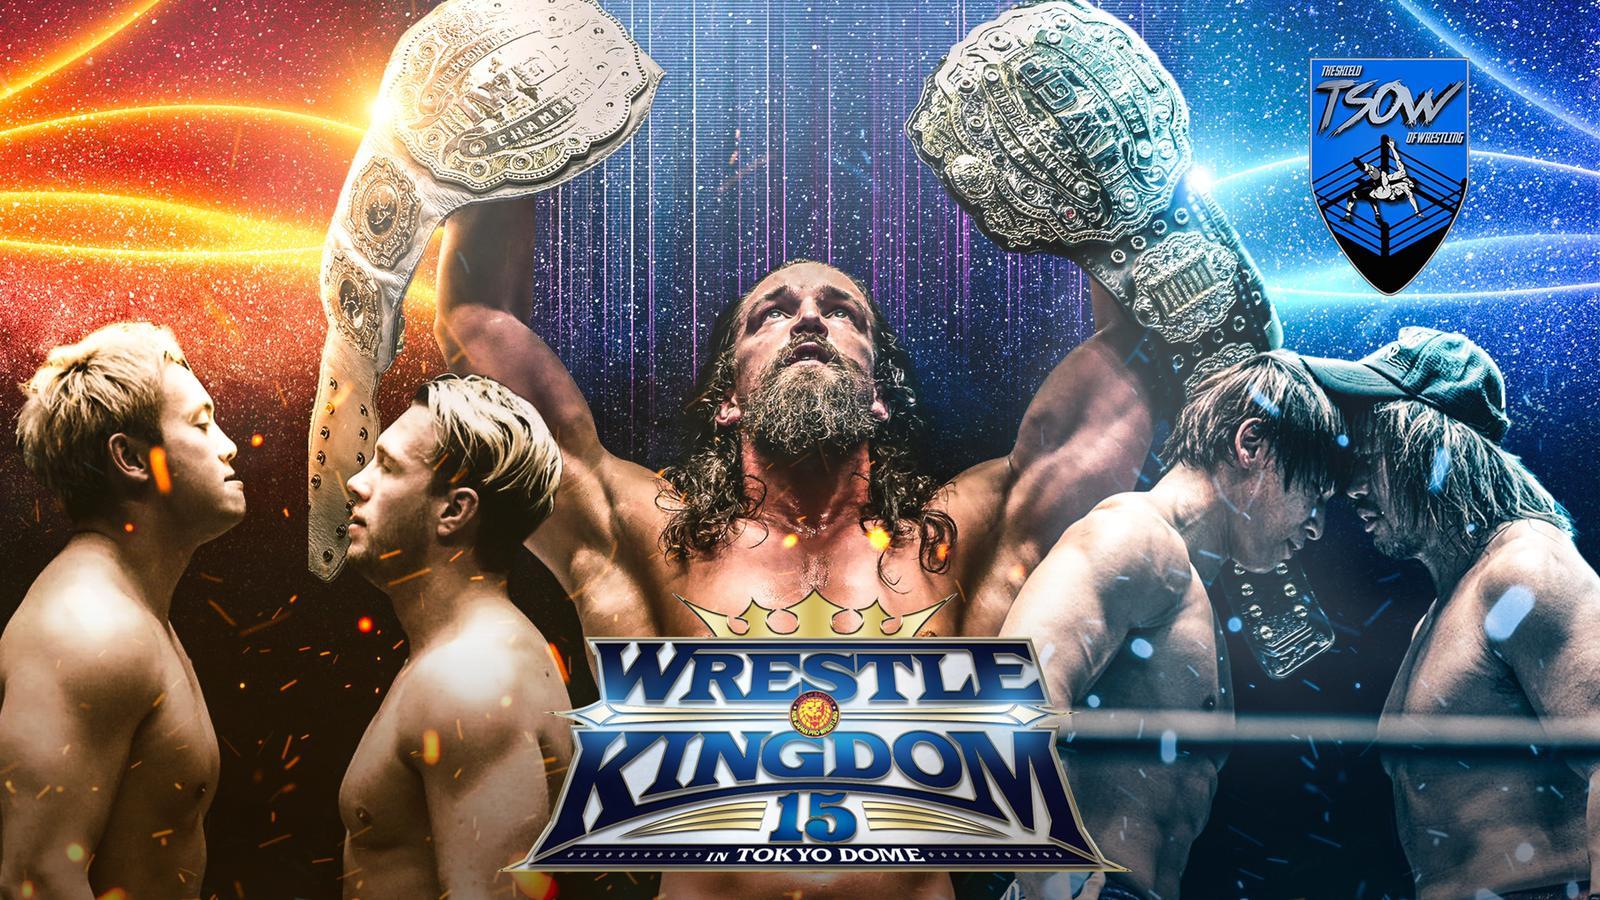 Kota Ibushi vs Jay White: chi ha vinto a Wrestle Kingdom 15?